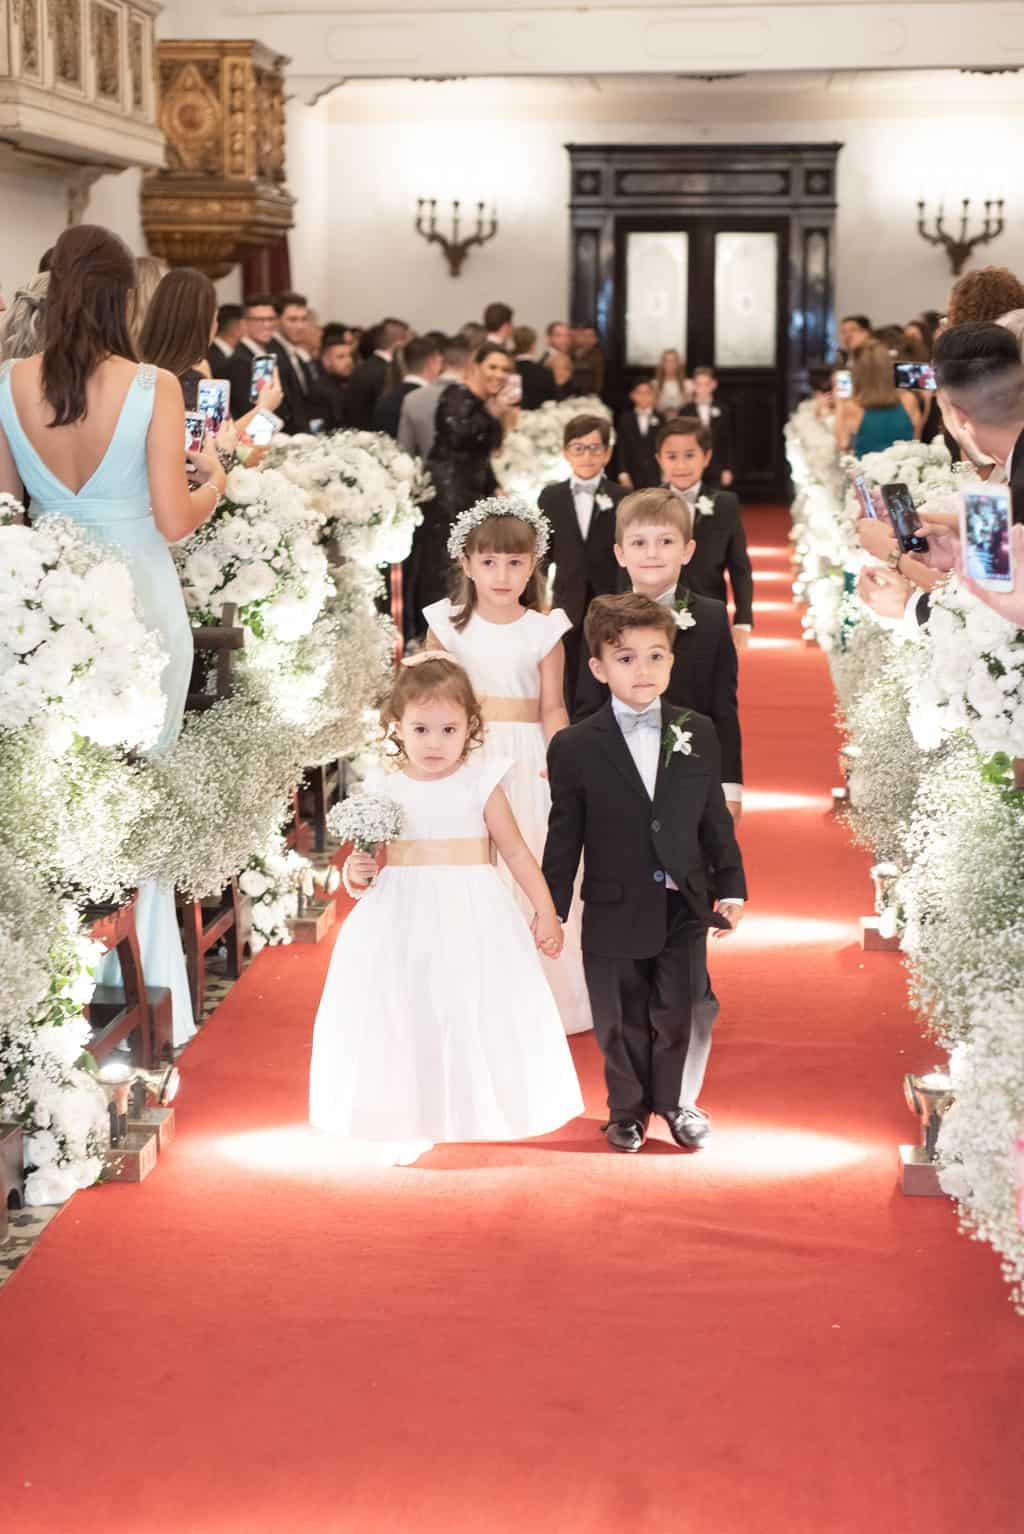 casamento-Patricia-e-Thiago-Igreja-Nossa-Senhora-do-Bonsucesso-Paula-Rocha-Marina-Fava-Cerimonia0701-Patricia-e-Thiago-WAL_3574